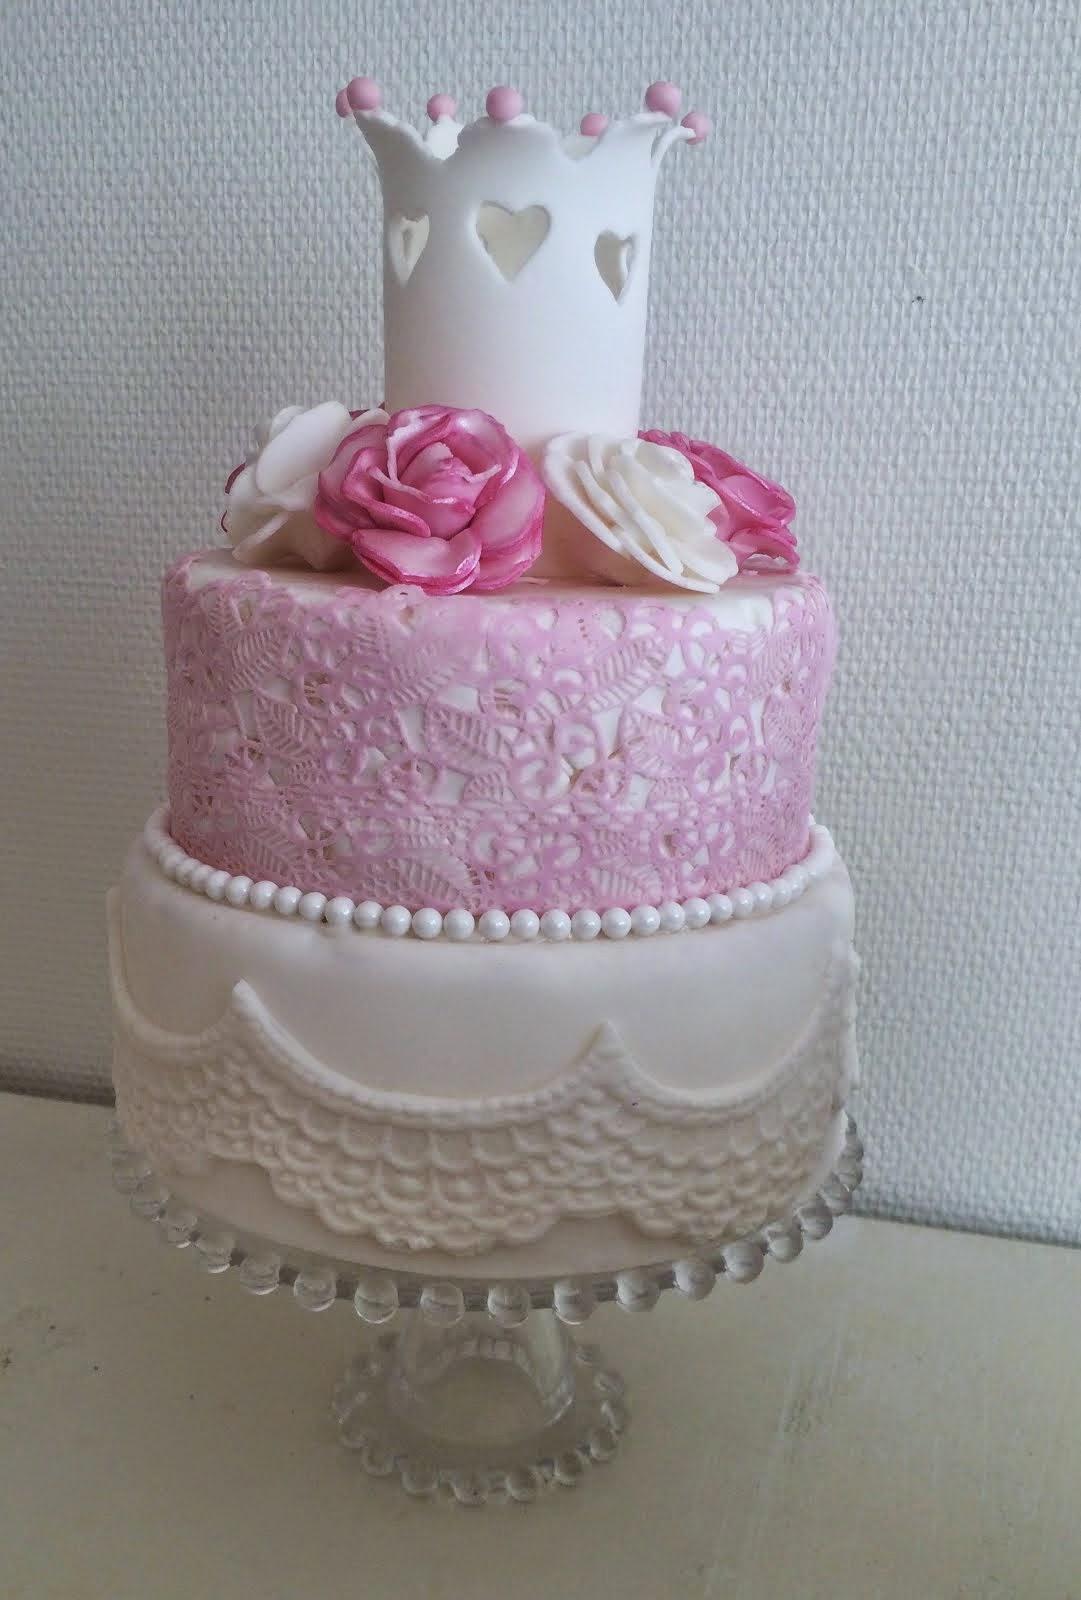 Våningstårta med krona, sockerspets och rosor